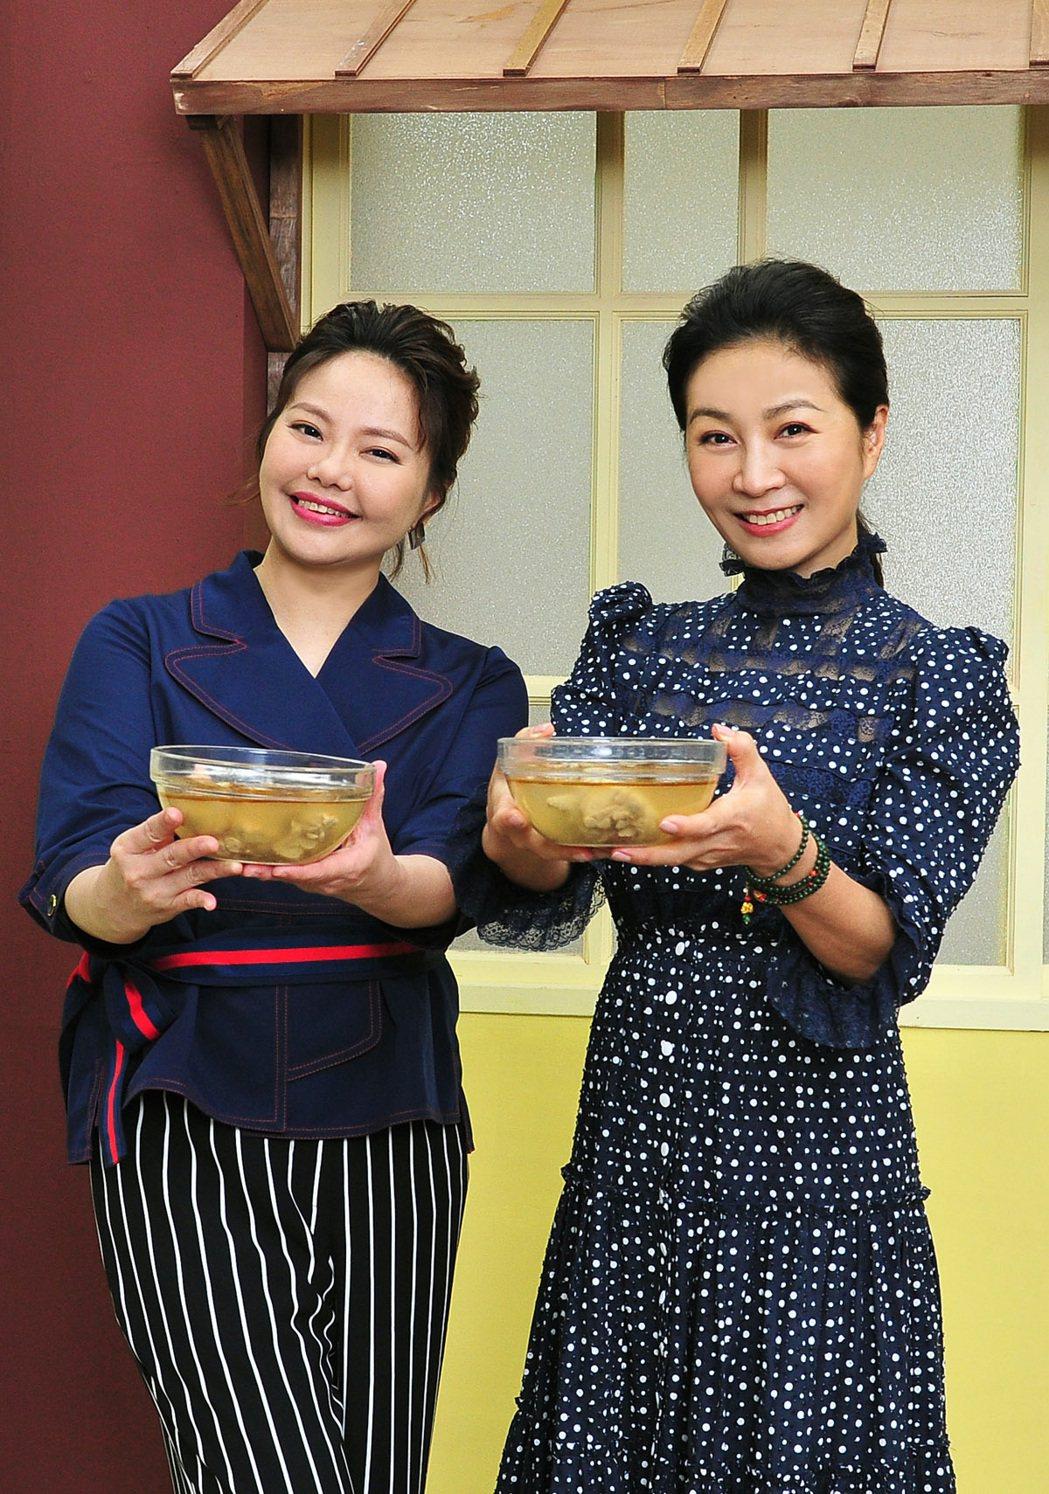 林嘉俐(左)、方文琳吃麻油雞慶功。圖/台視提供